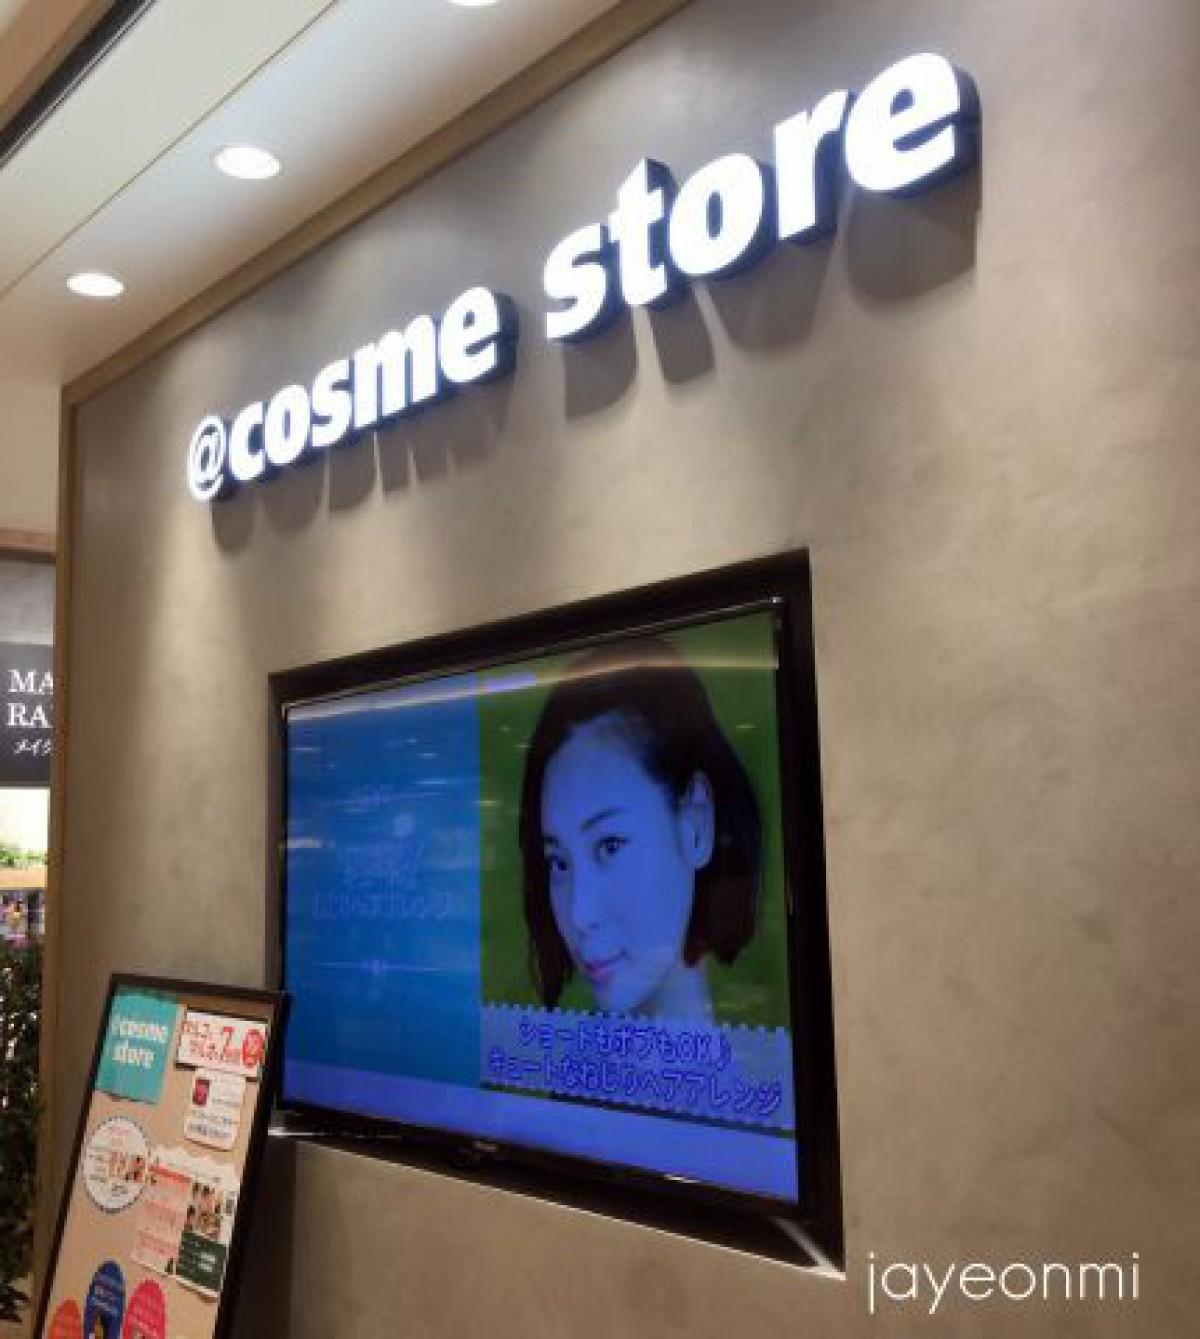 【買い物メモ】@コスメストアとツーリズムEXPOジャパンでの購入コスメ☆